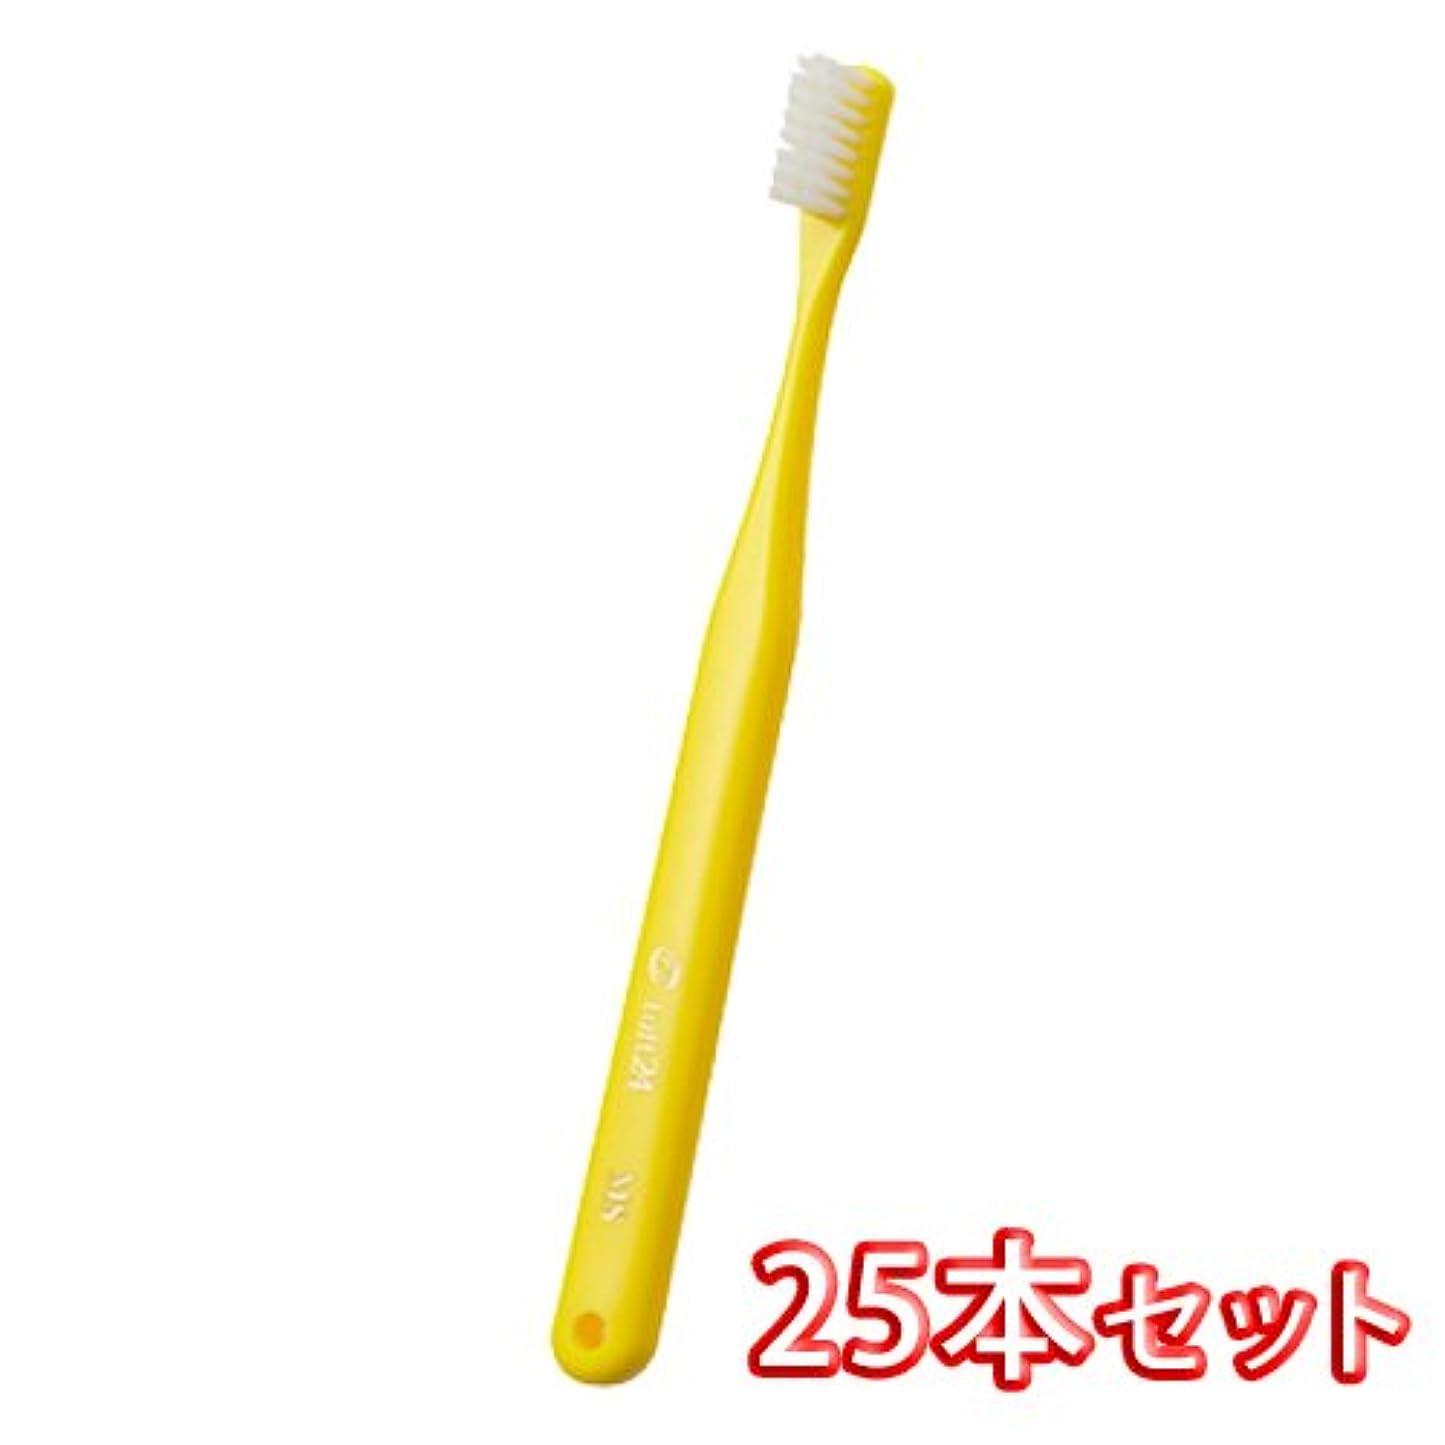 村週末精通したオーラルケア キャップ付き タフト 24 歯ブラシ 25本入 ミディアムハード MH (イエロー)